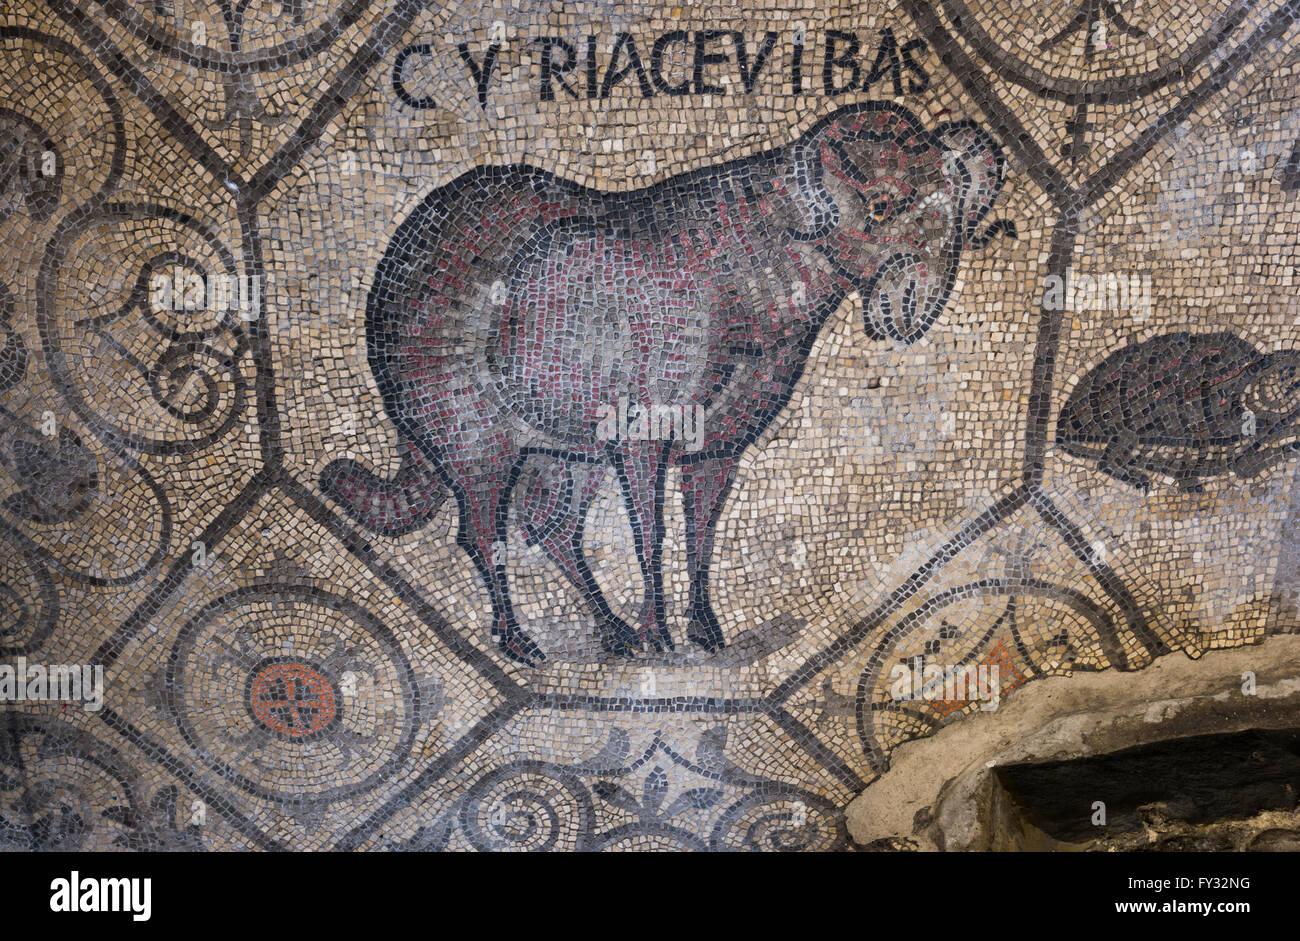 Frühe christliche Mosaikboden mit tierischen Symbolik, 4. Jahrhundert, romanische Basilika, Aquileia, Provinz Stockbild